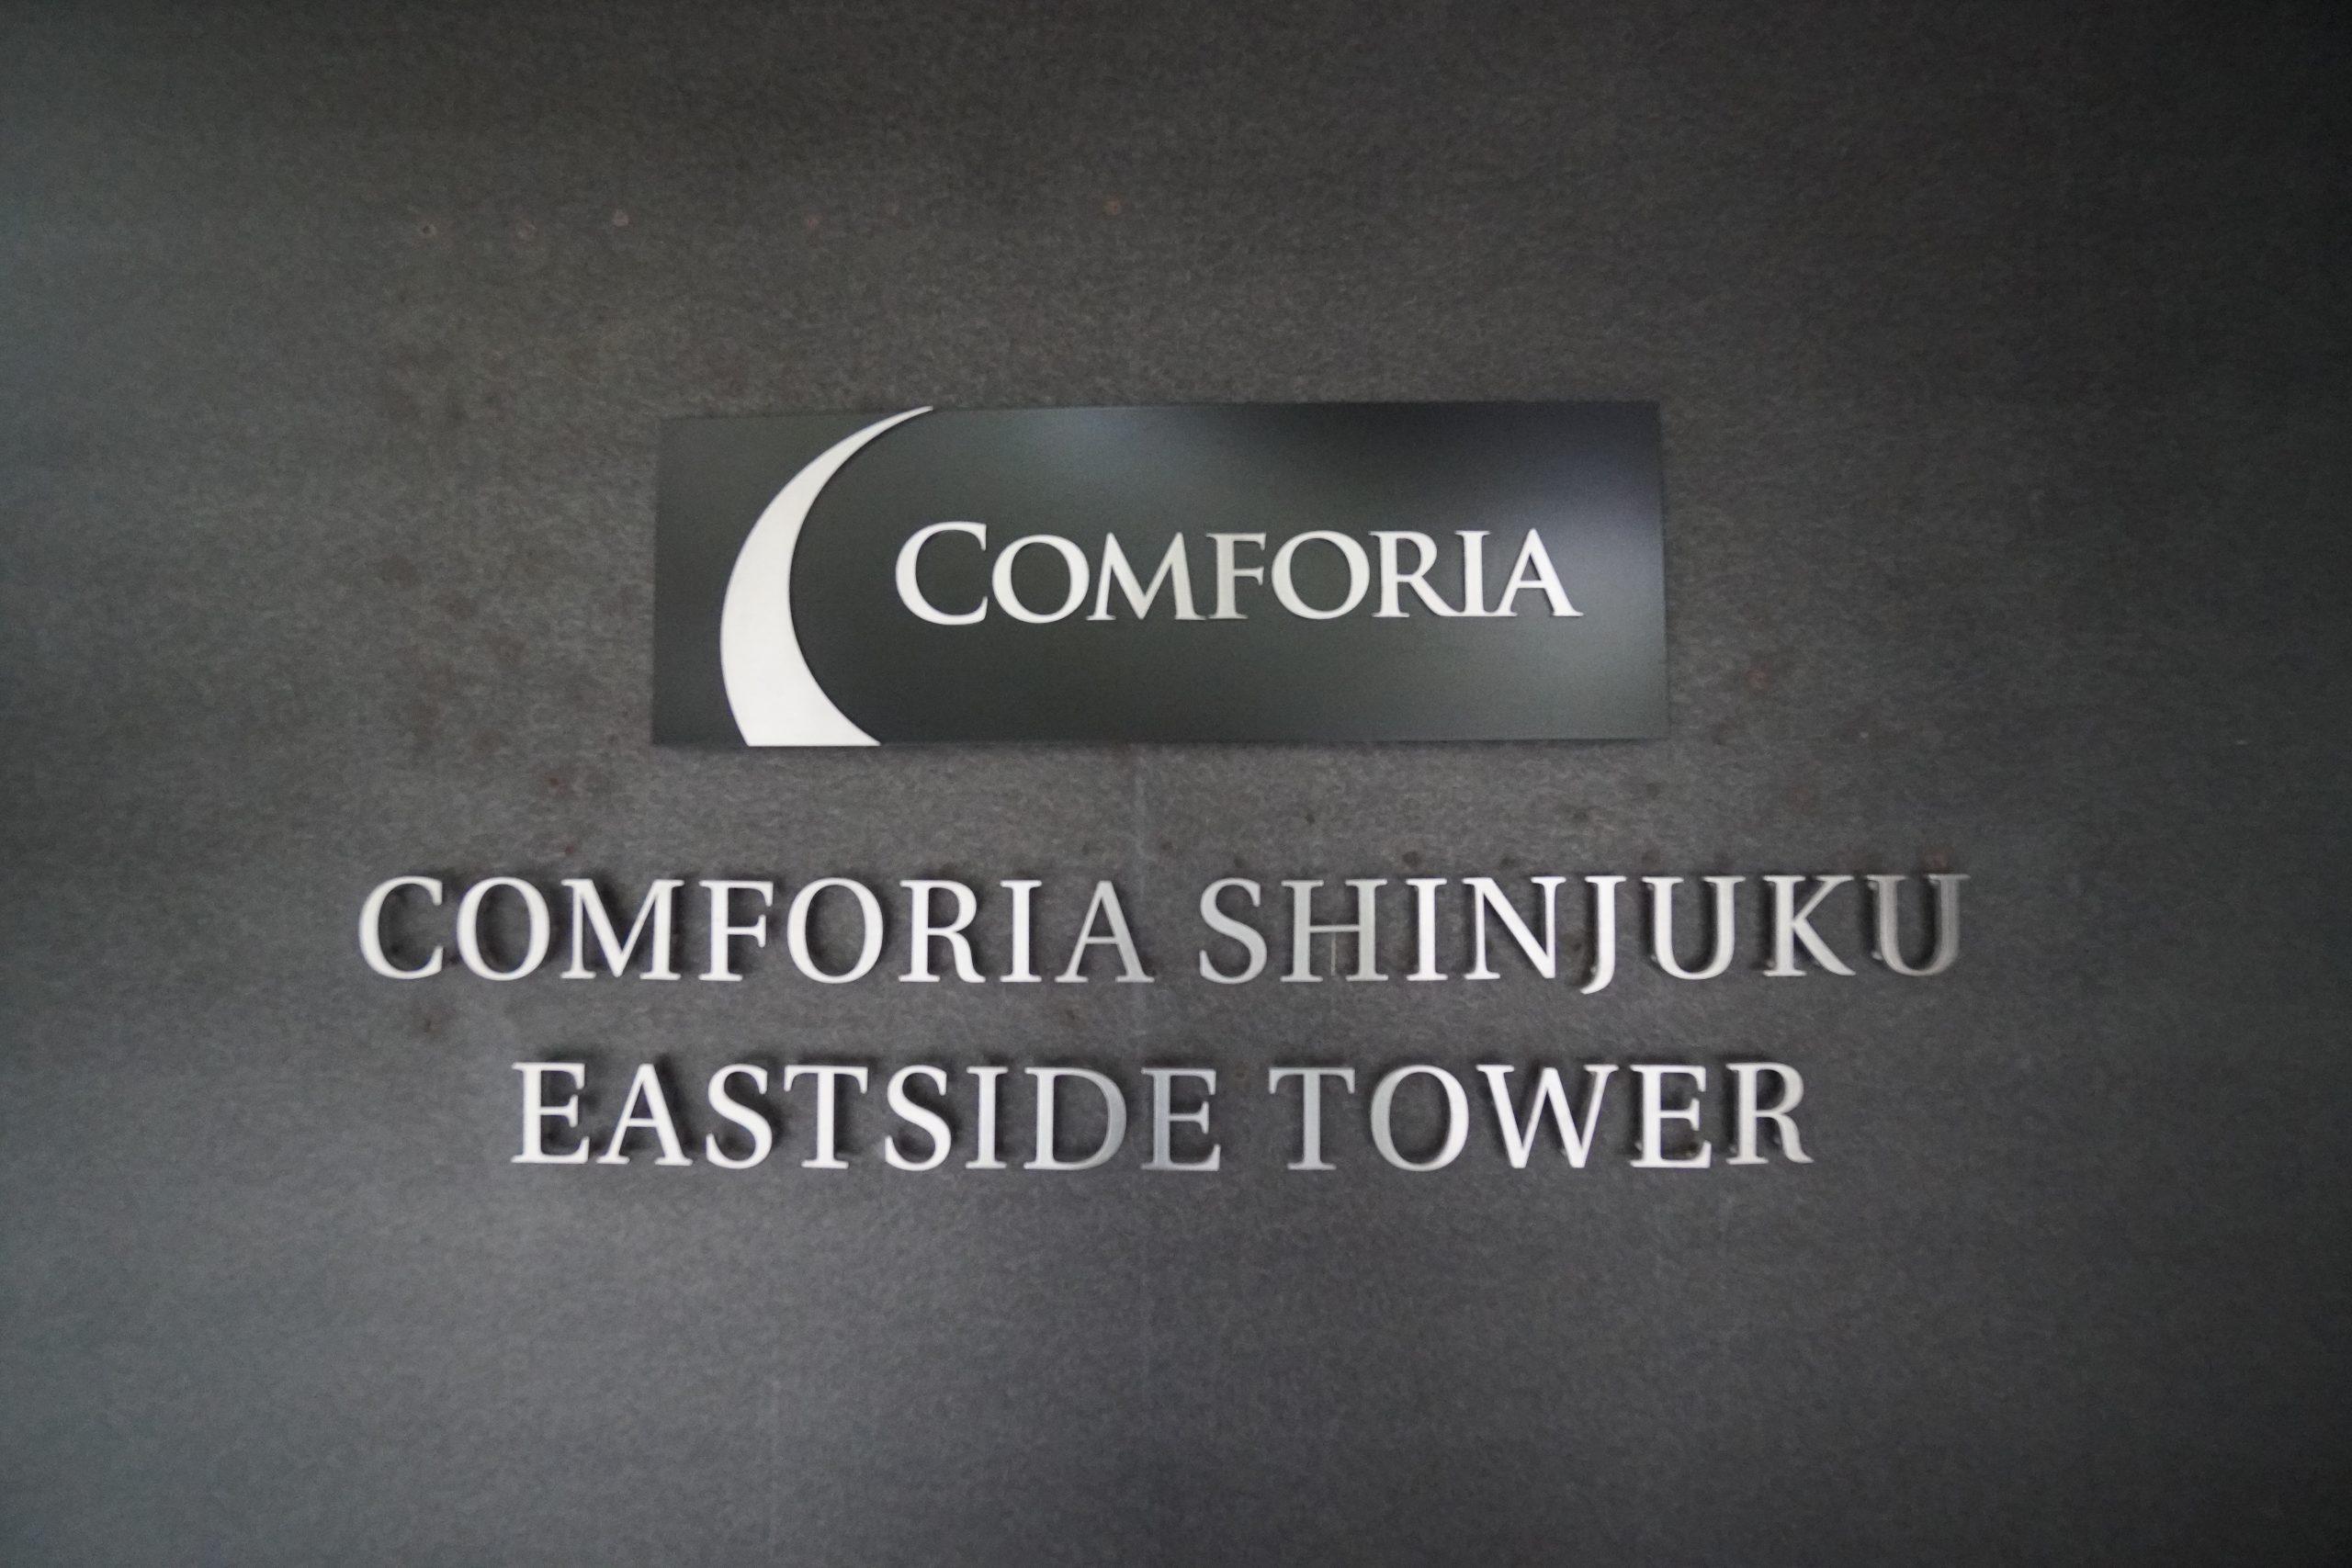 コンフォリア新宿イーストサイドタワーの写真12